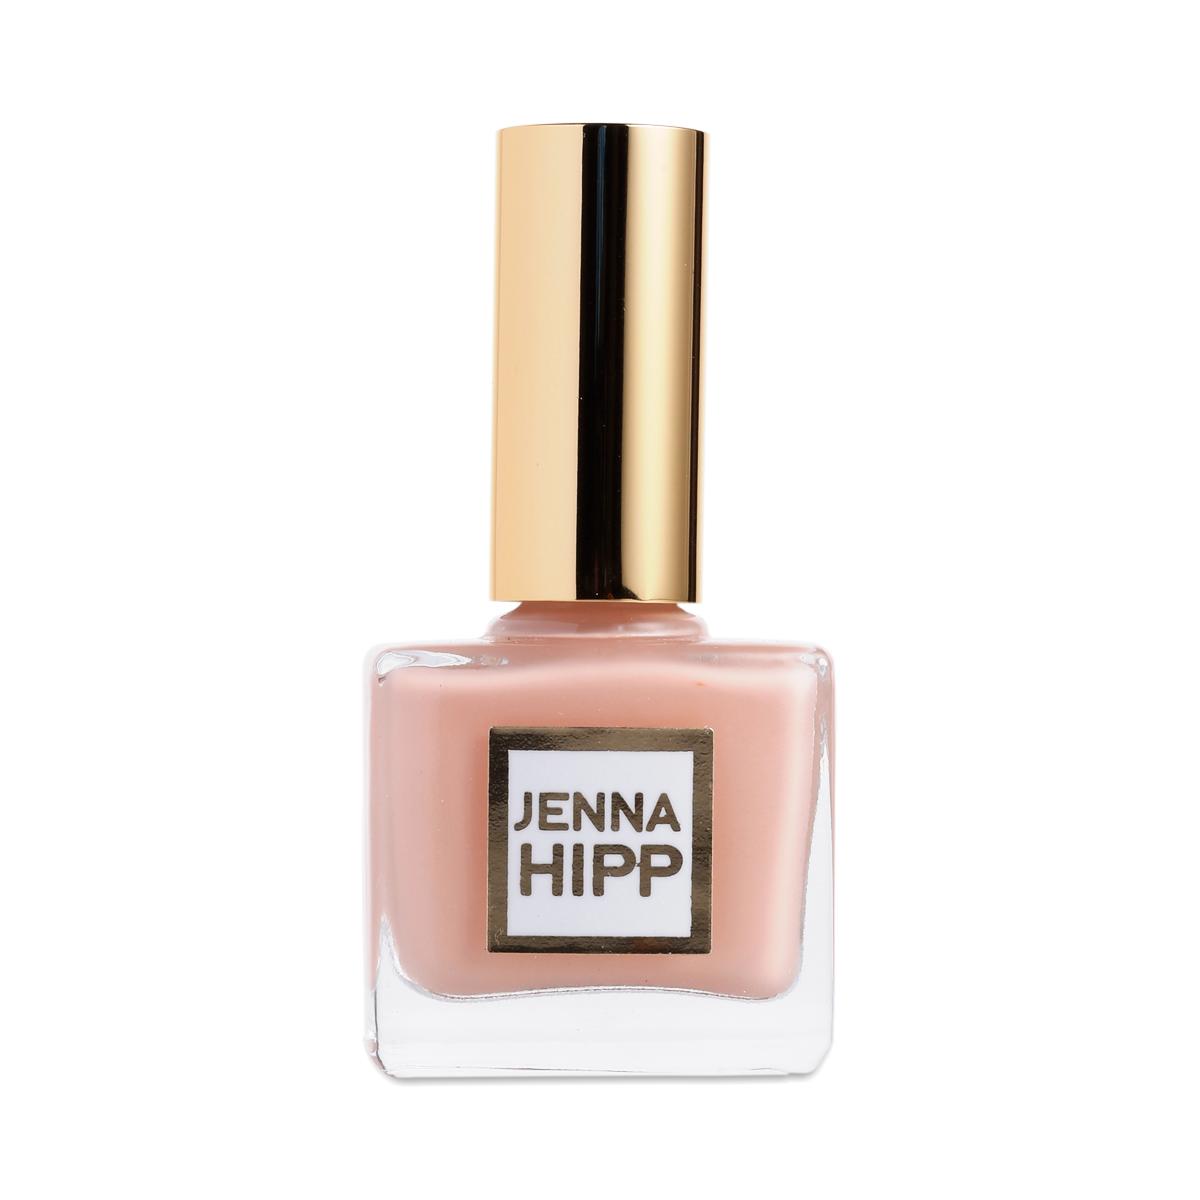 Jenna Hipp Air Kiss Nail Polish - Thrive Market